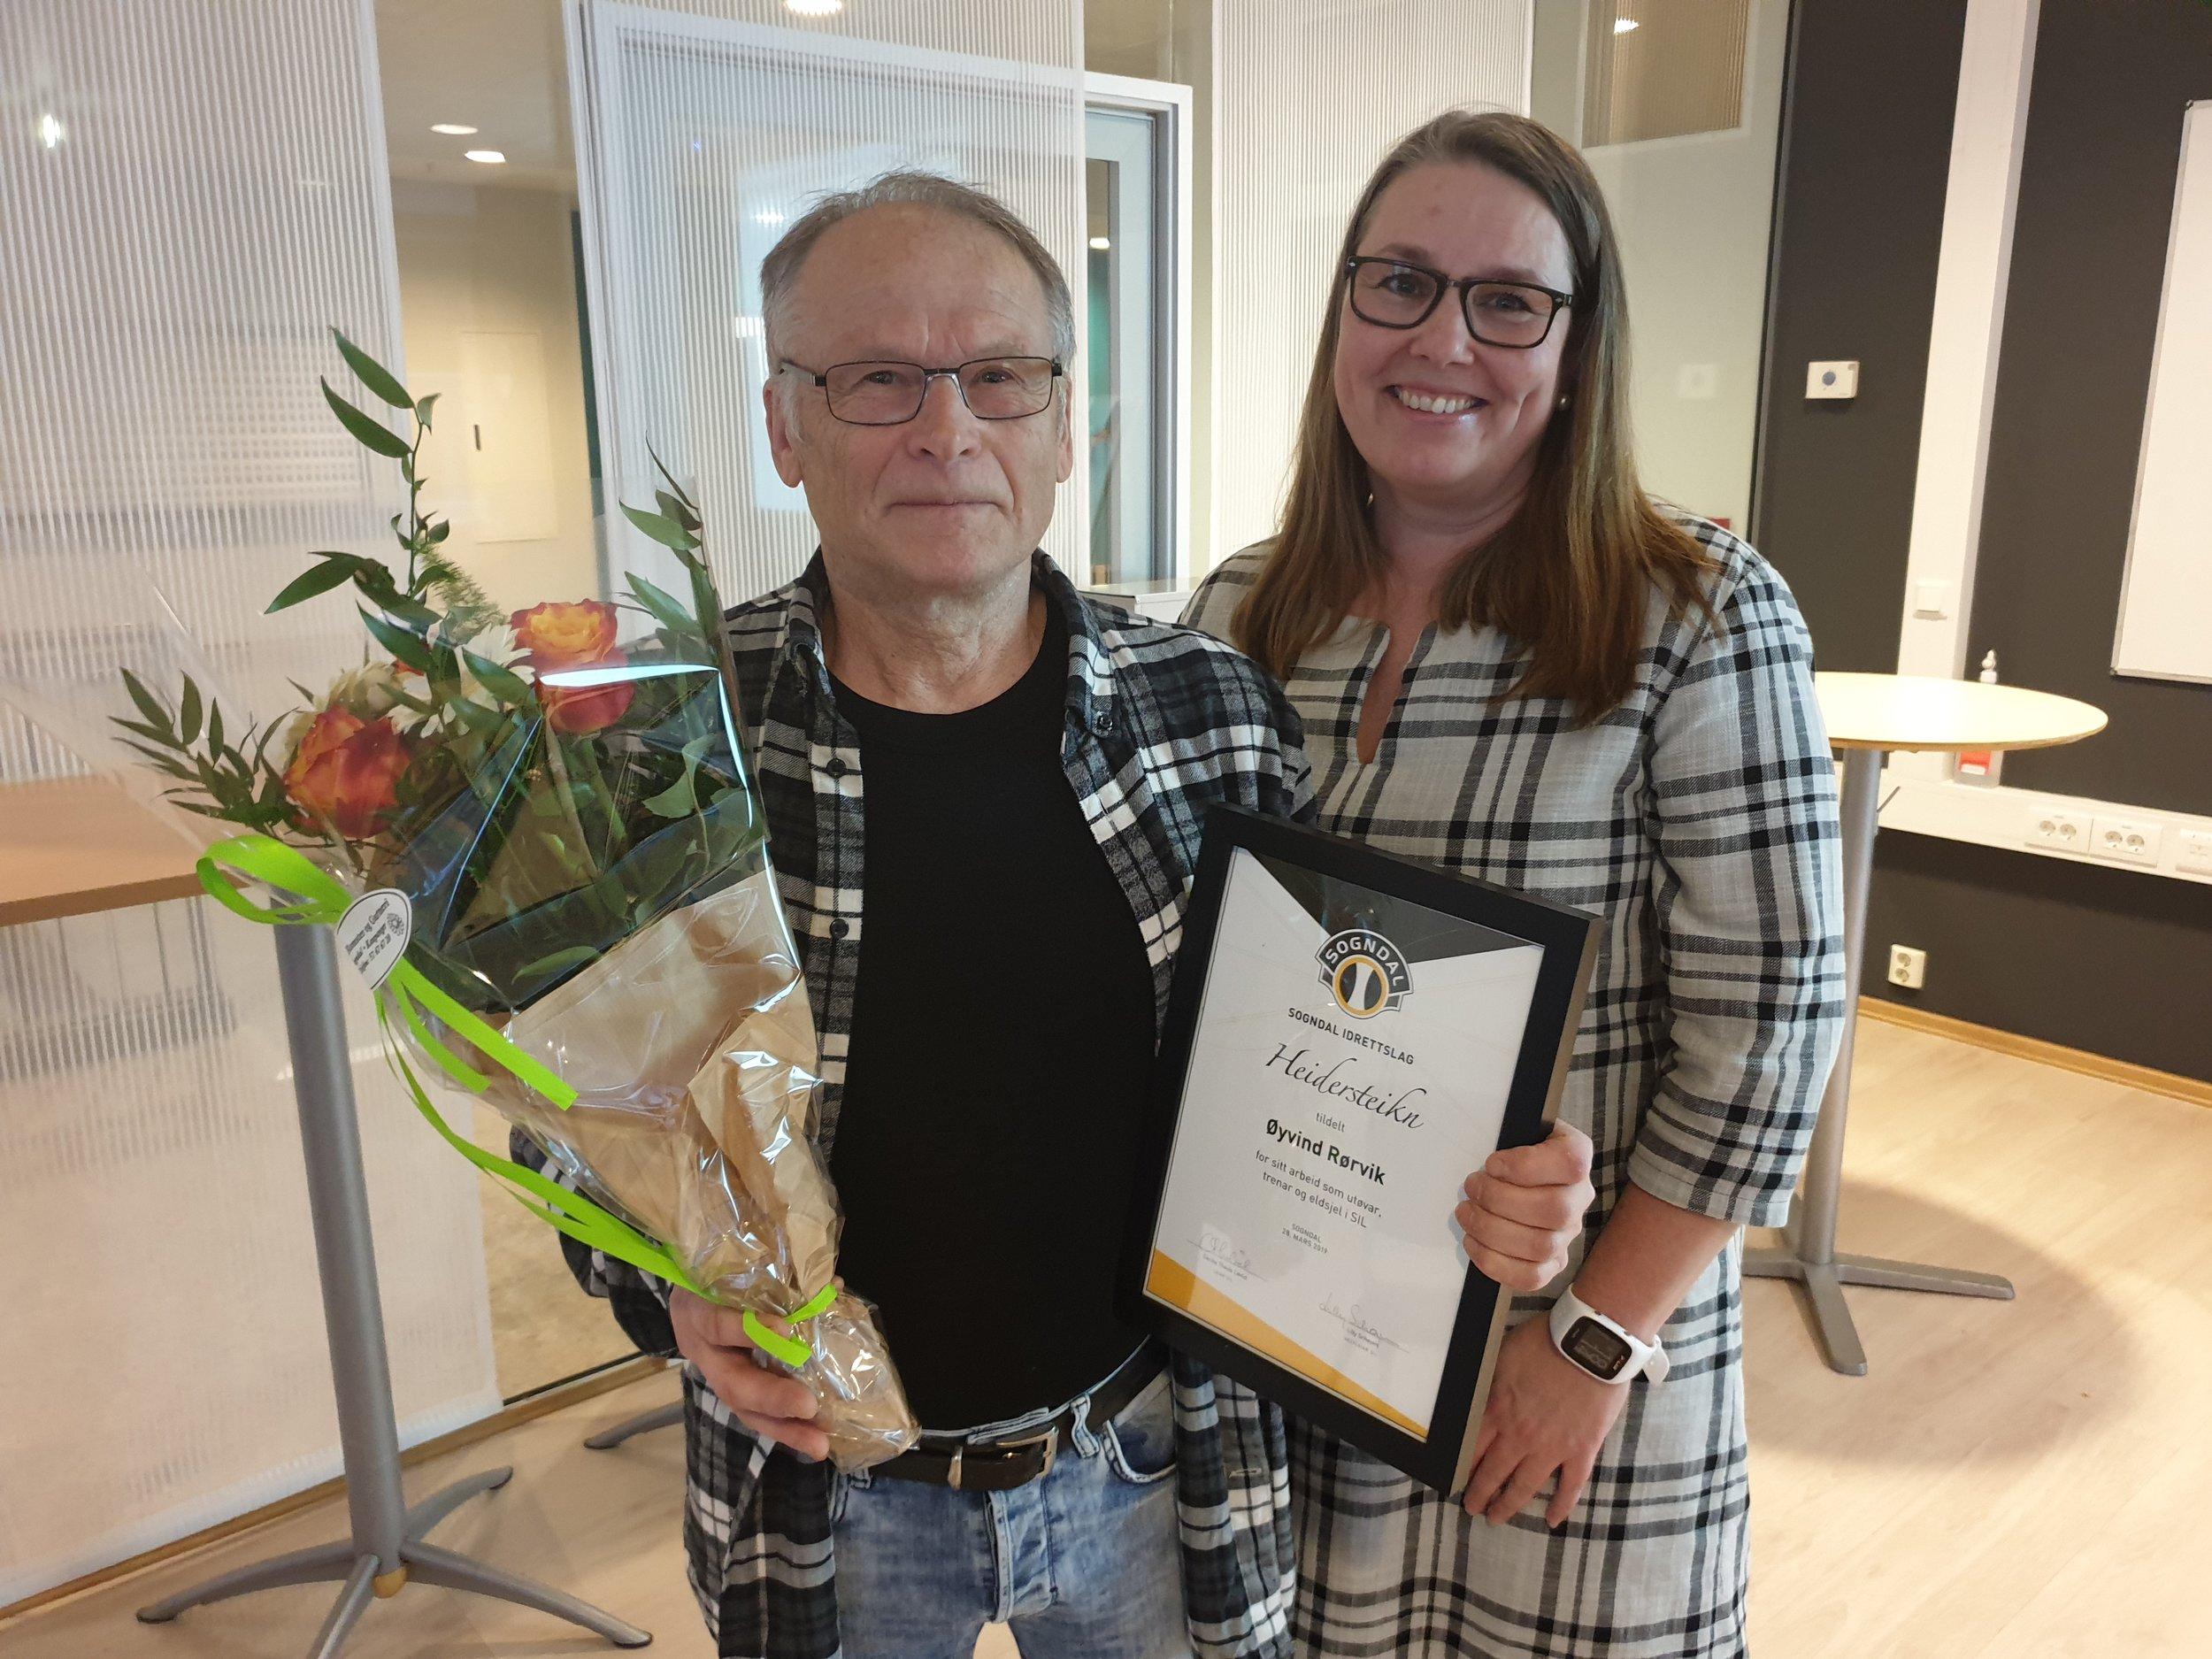 Øyvind Rørvik mottok heiderstekn for si mangeårige innsats og engasjement for SIL.